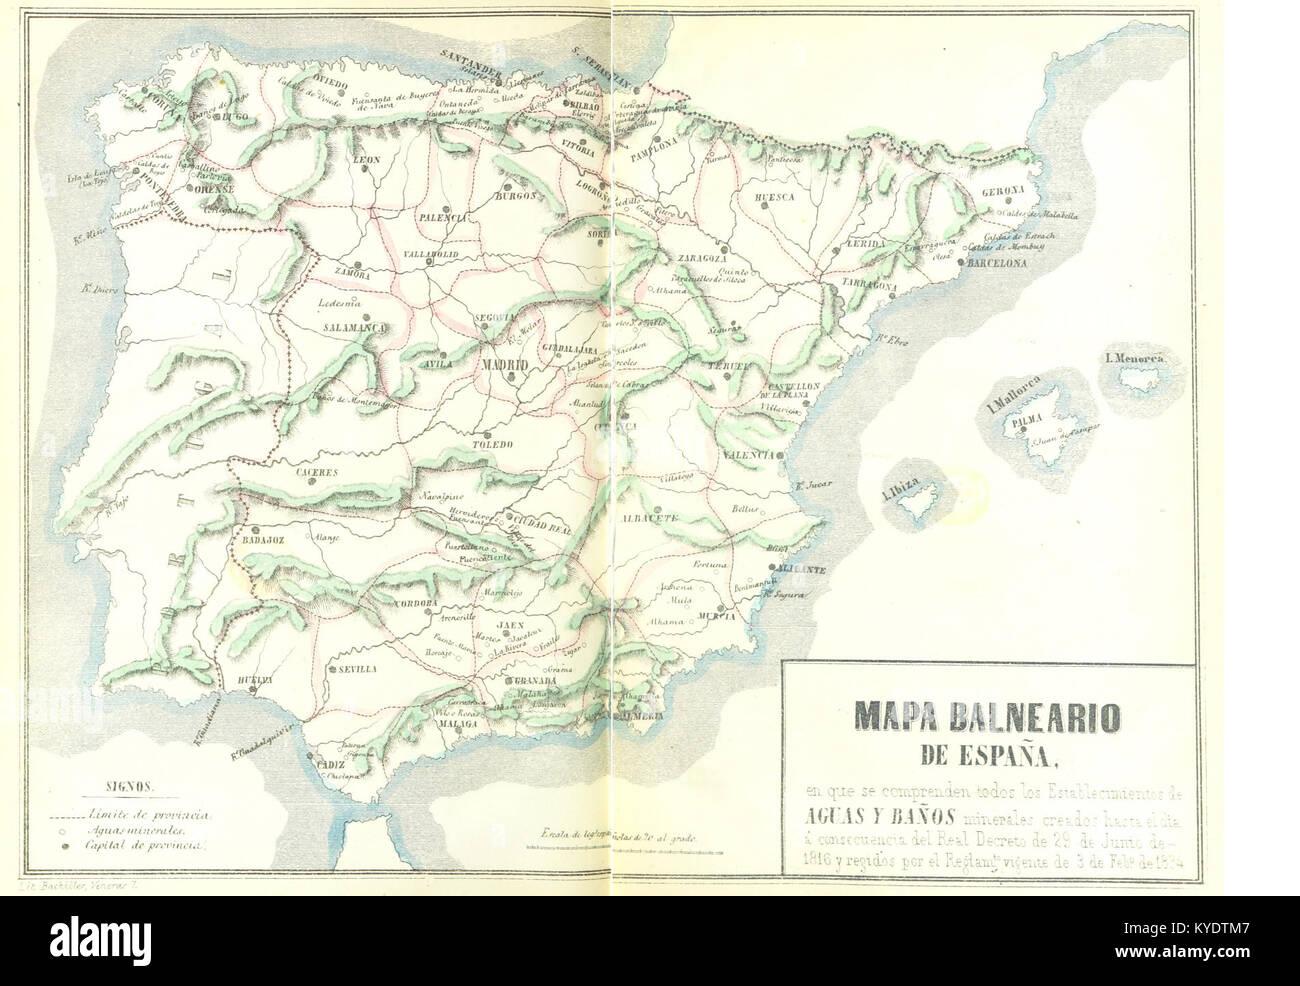 T V 1857 23 Mapa Balneario De Espana En Que Se Comprenden